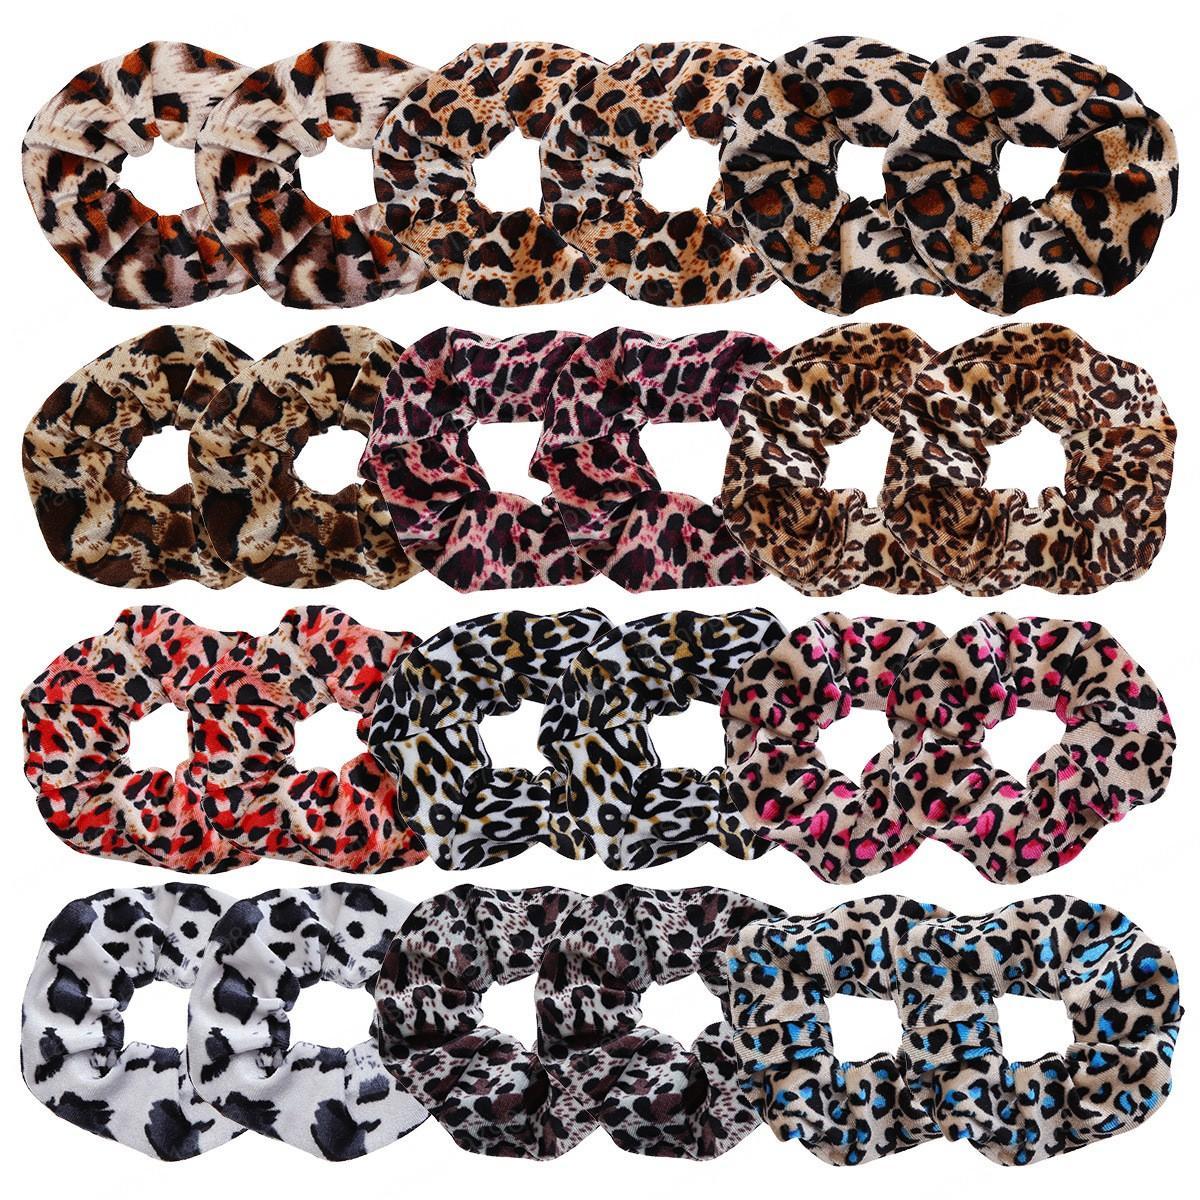 Acessórios de cabelo venda quente Floral Impresso Leopard criativa forma da senhora cabelo faixa Scrunchie elásticos de cabelo gravata Corda